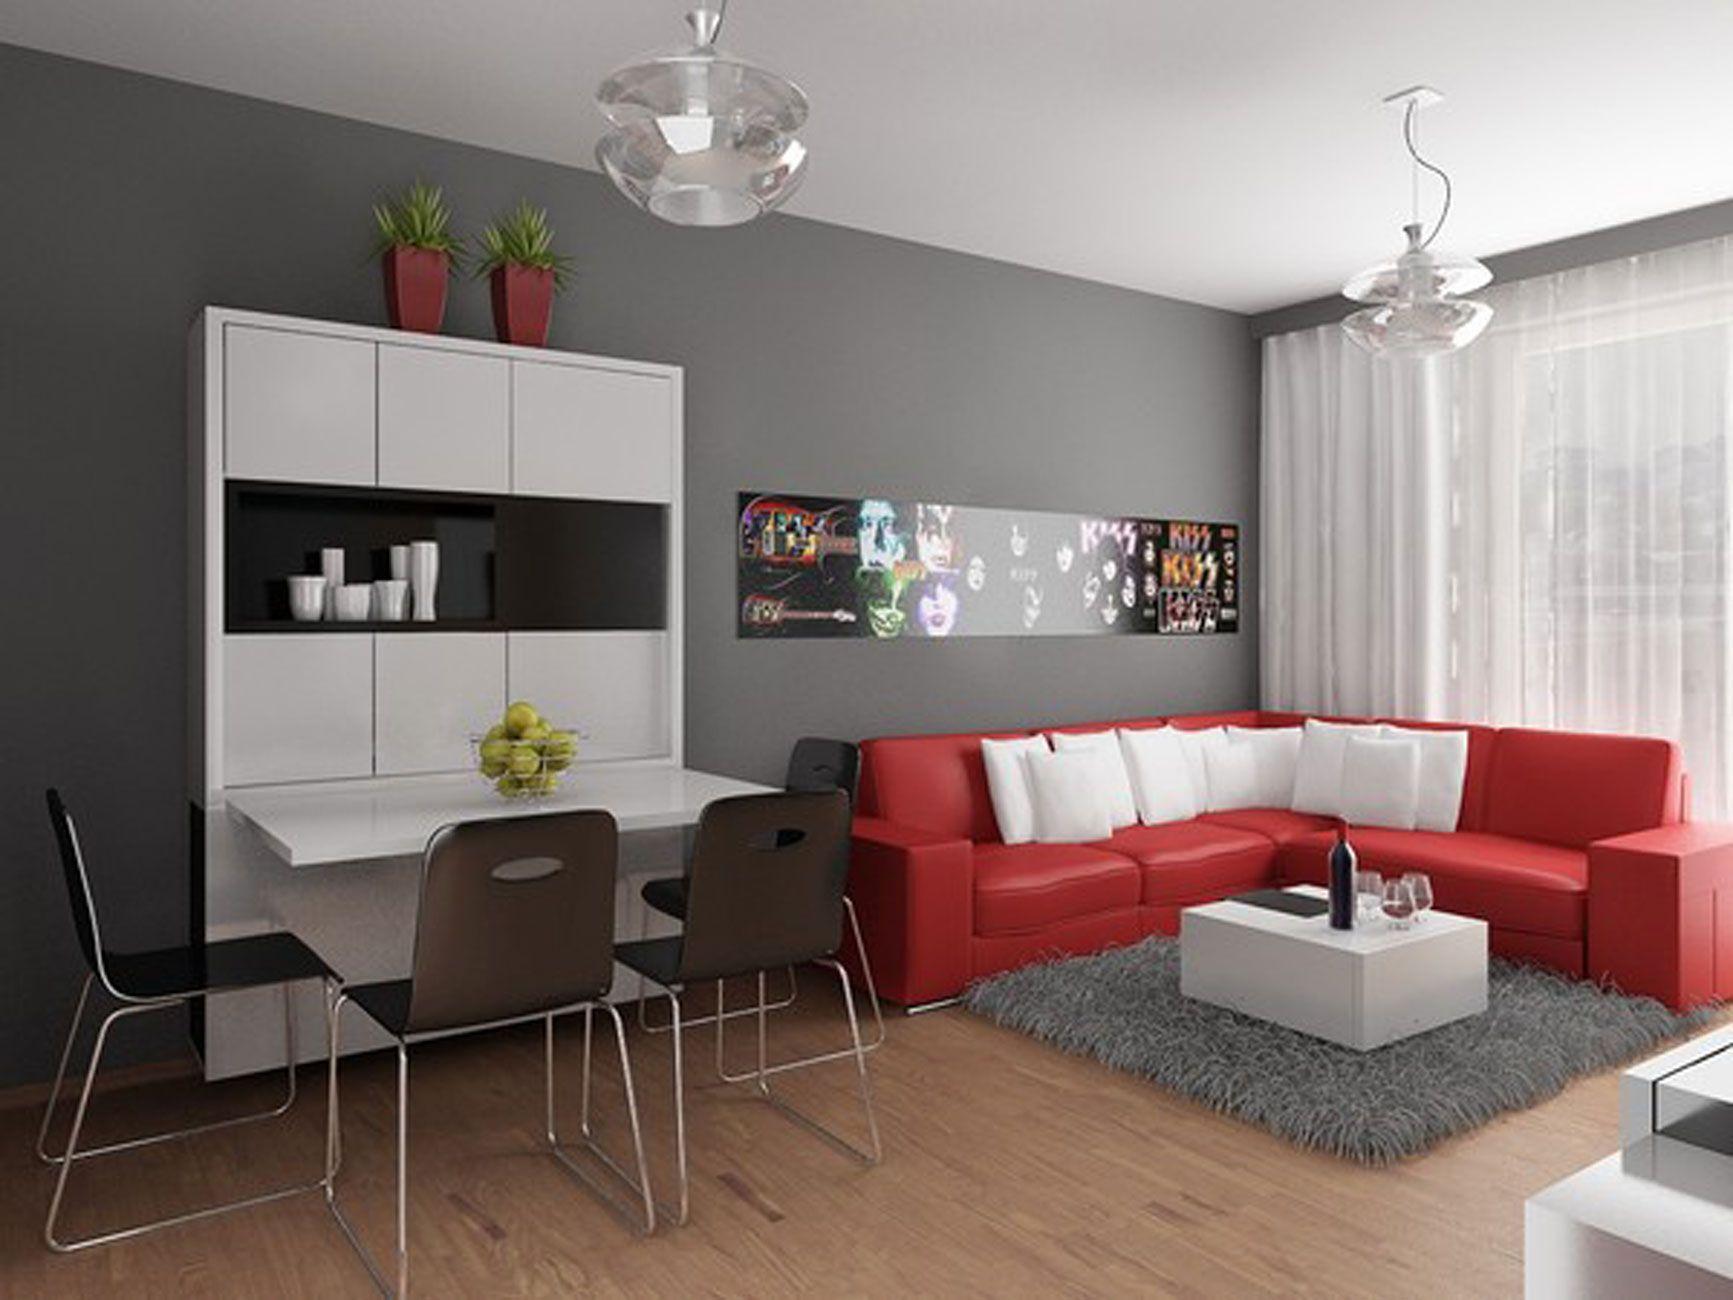 Badezimmer dekor ideen für mädchen amazing modern apartments ideas  amazing and modern apartments in